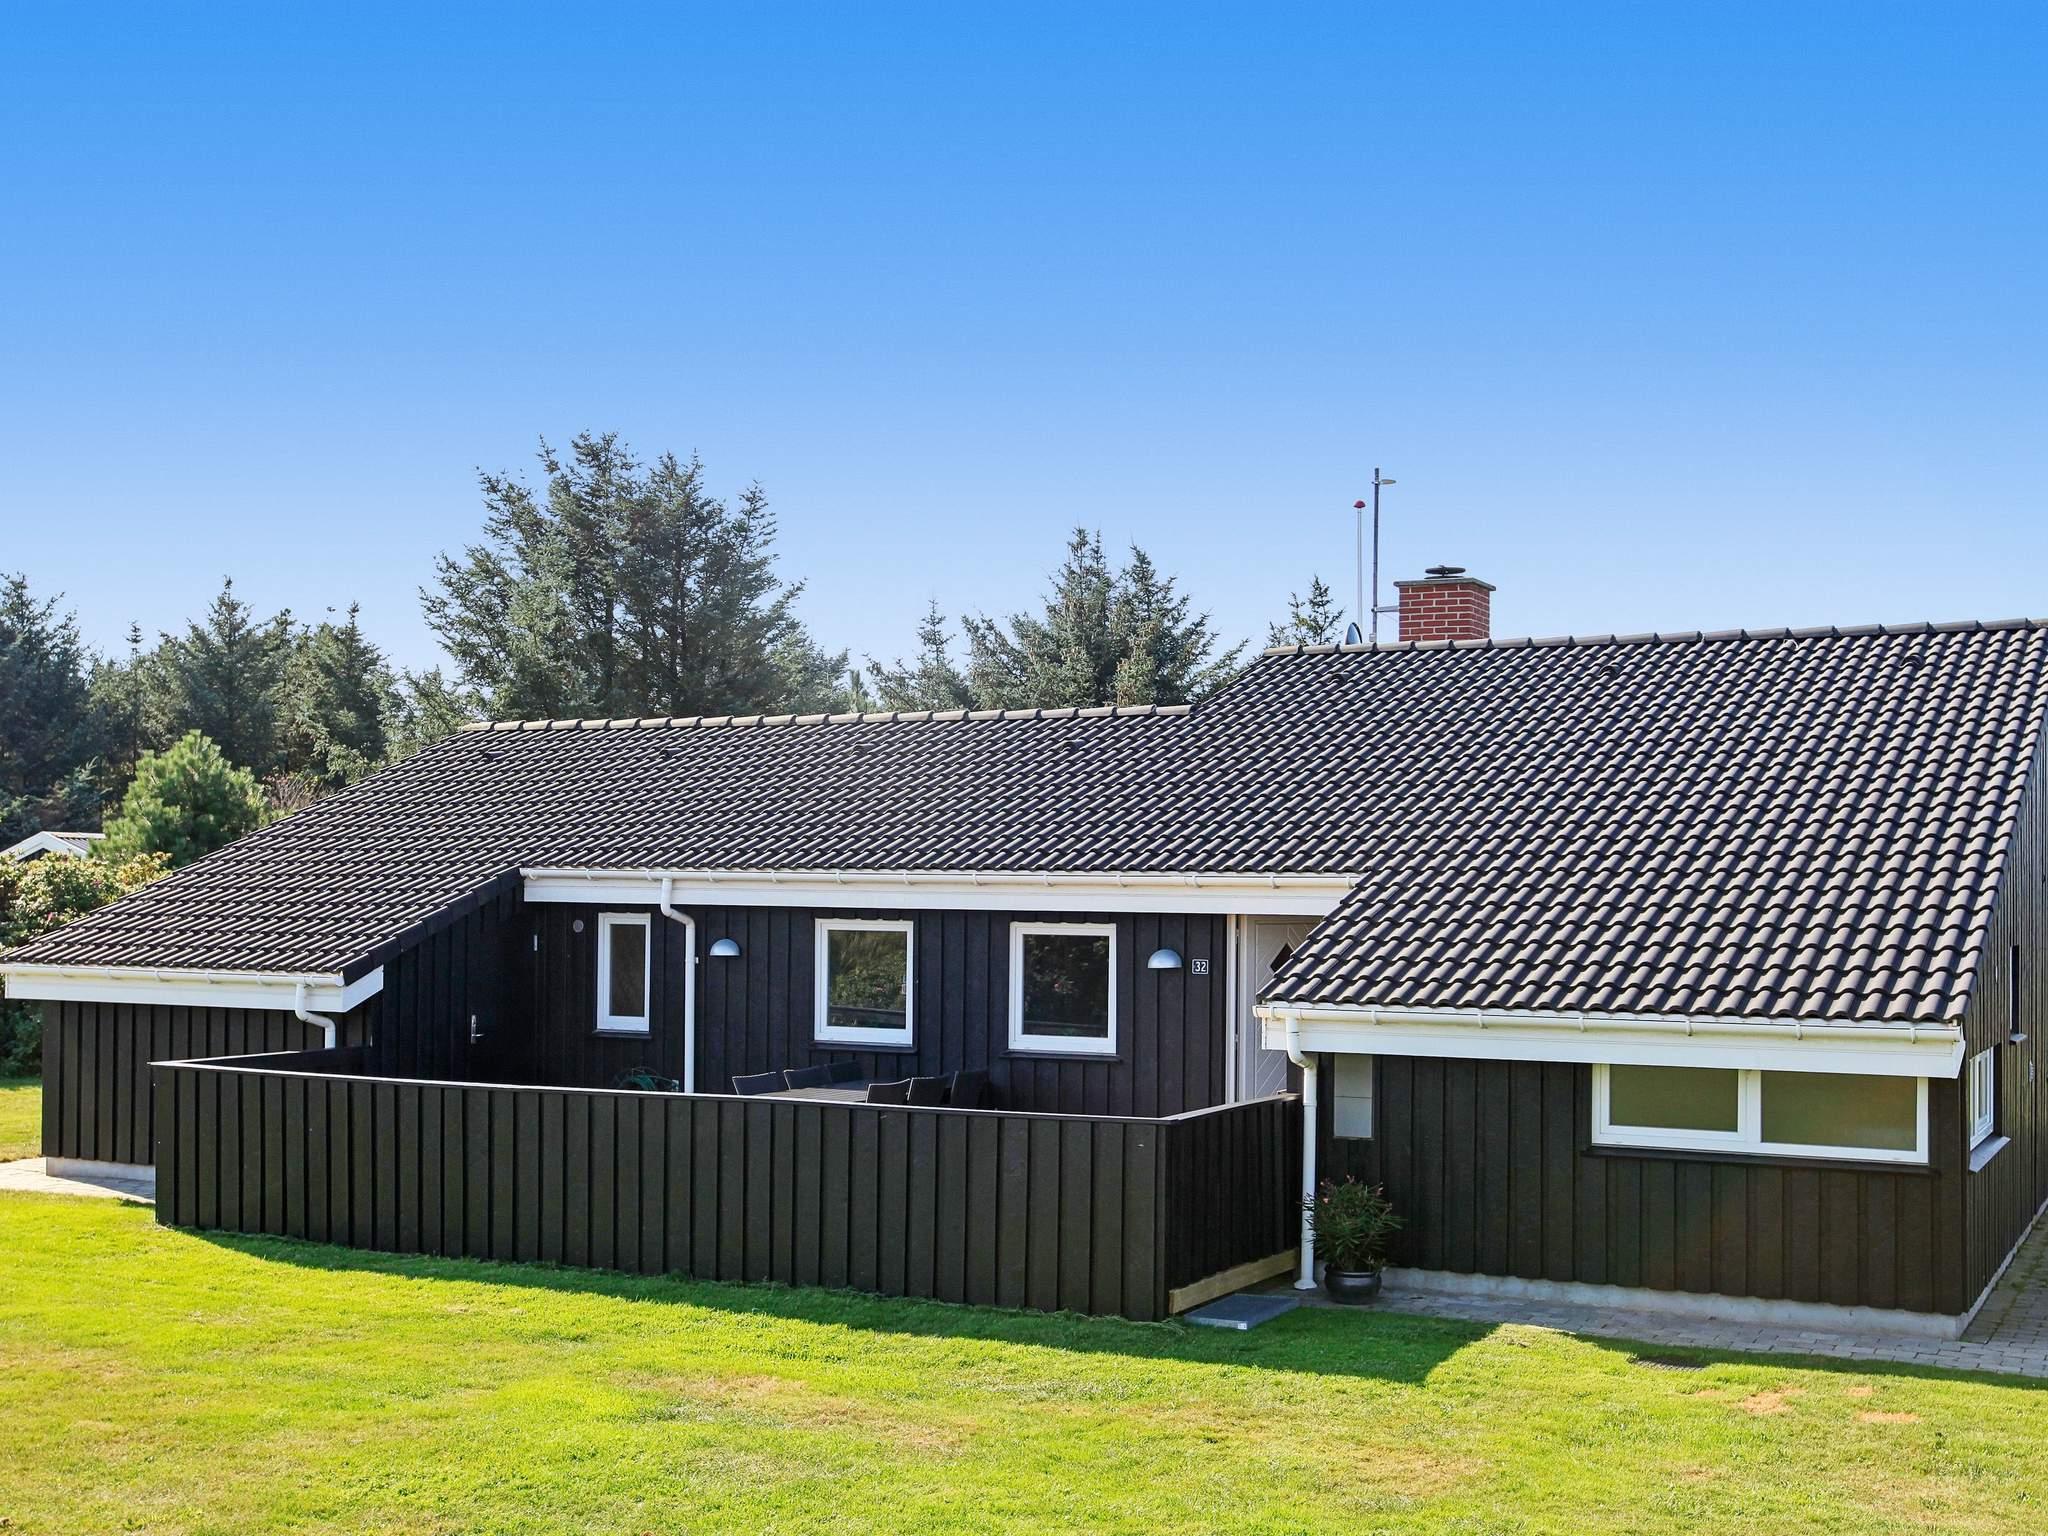 Ferienhaus Løkken (1960004), Løkken, , Nordwestjütland, Dänemark, Bild 20